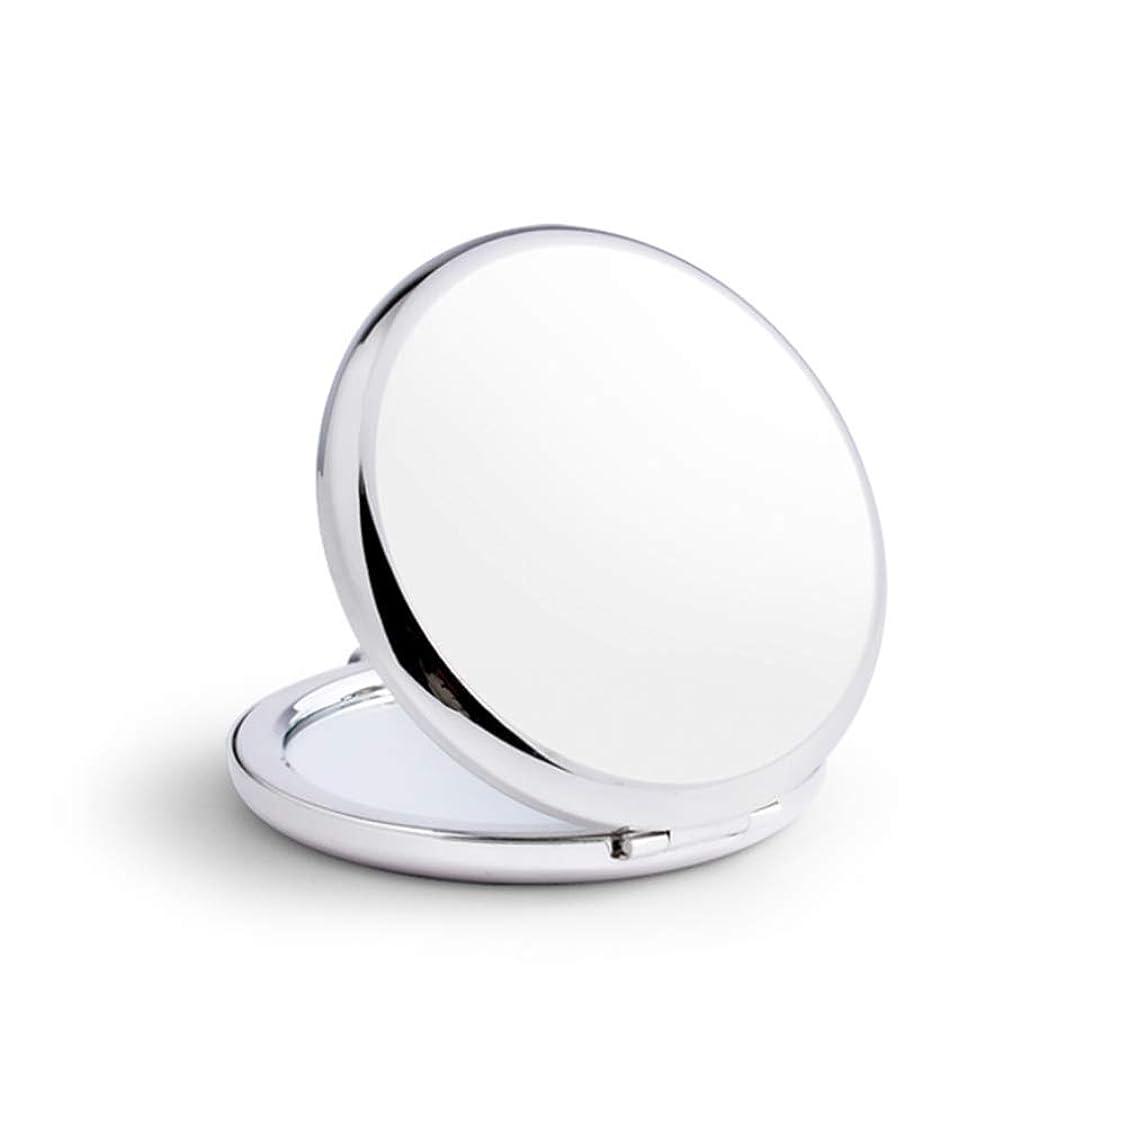 交換可能プレゼントスケルトン小さな鏡ステンレス鋼鏡鏡手鏡女姫携帯折りたたみ両面180度回転(丸) (銀)